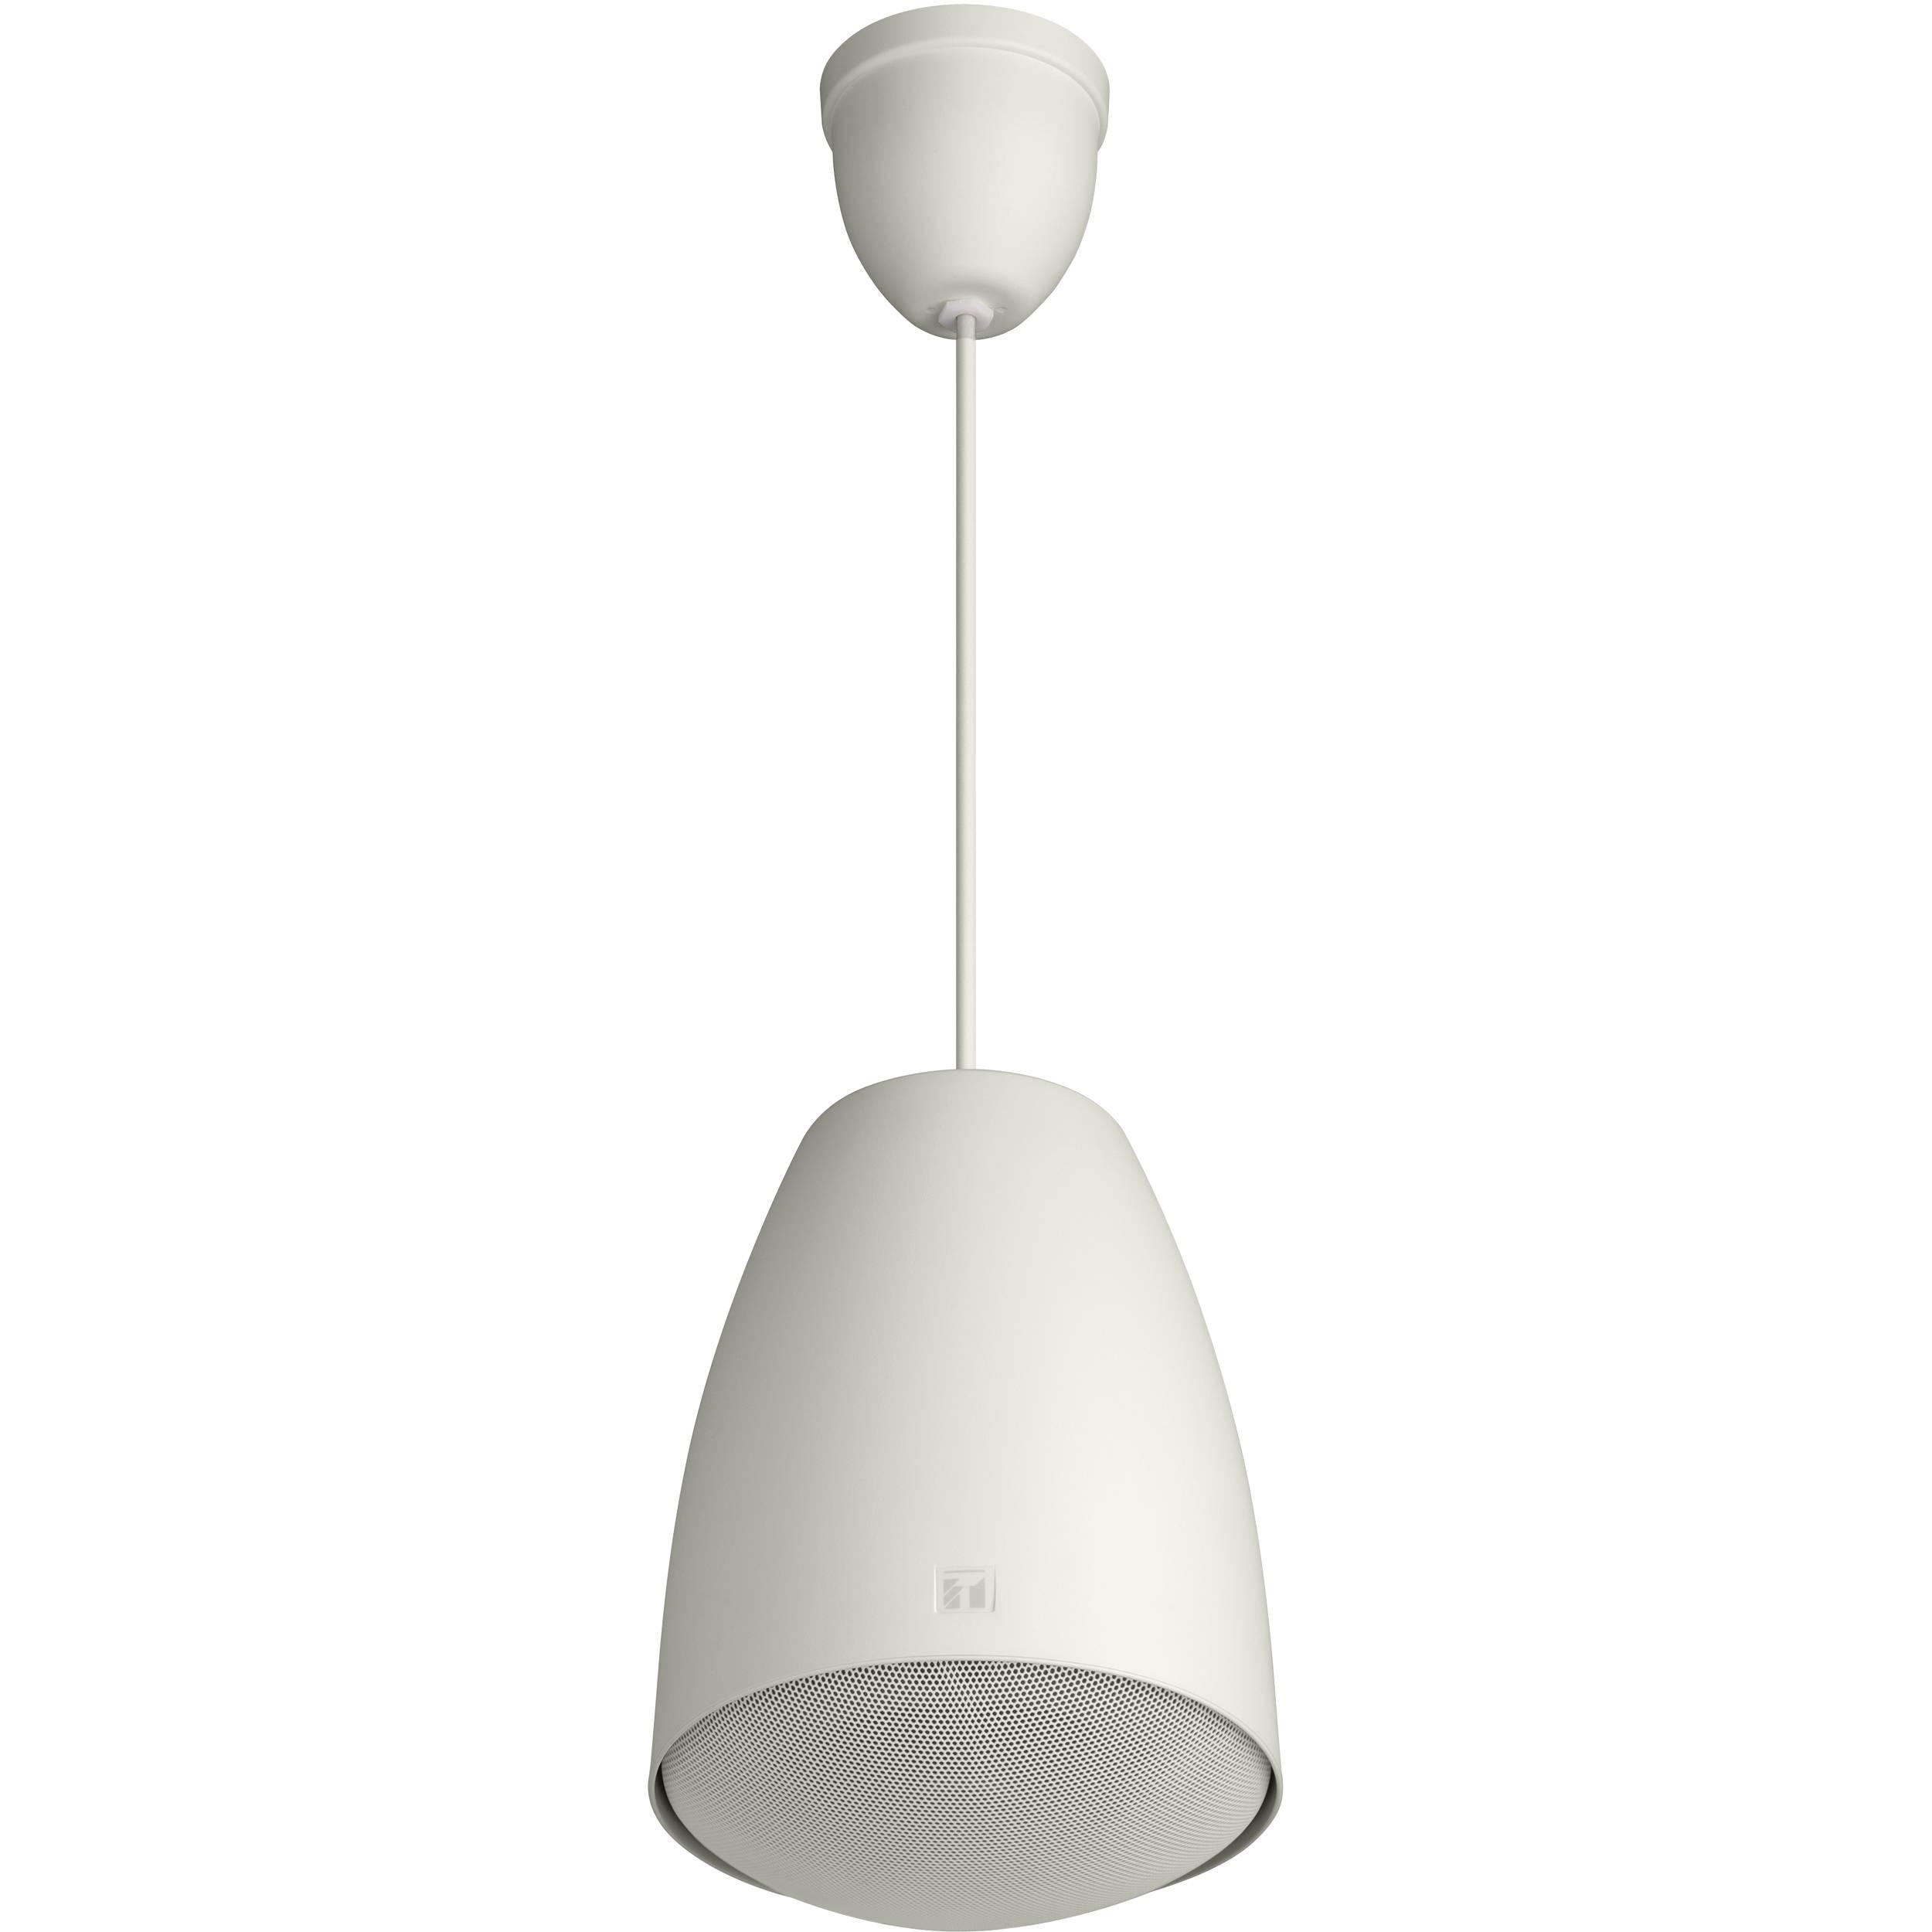 Toa Electronics PE Pendant Speaker System PE BH - 5 pendant light fixture